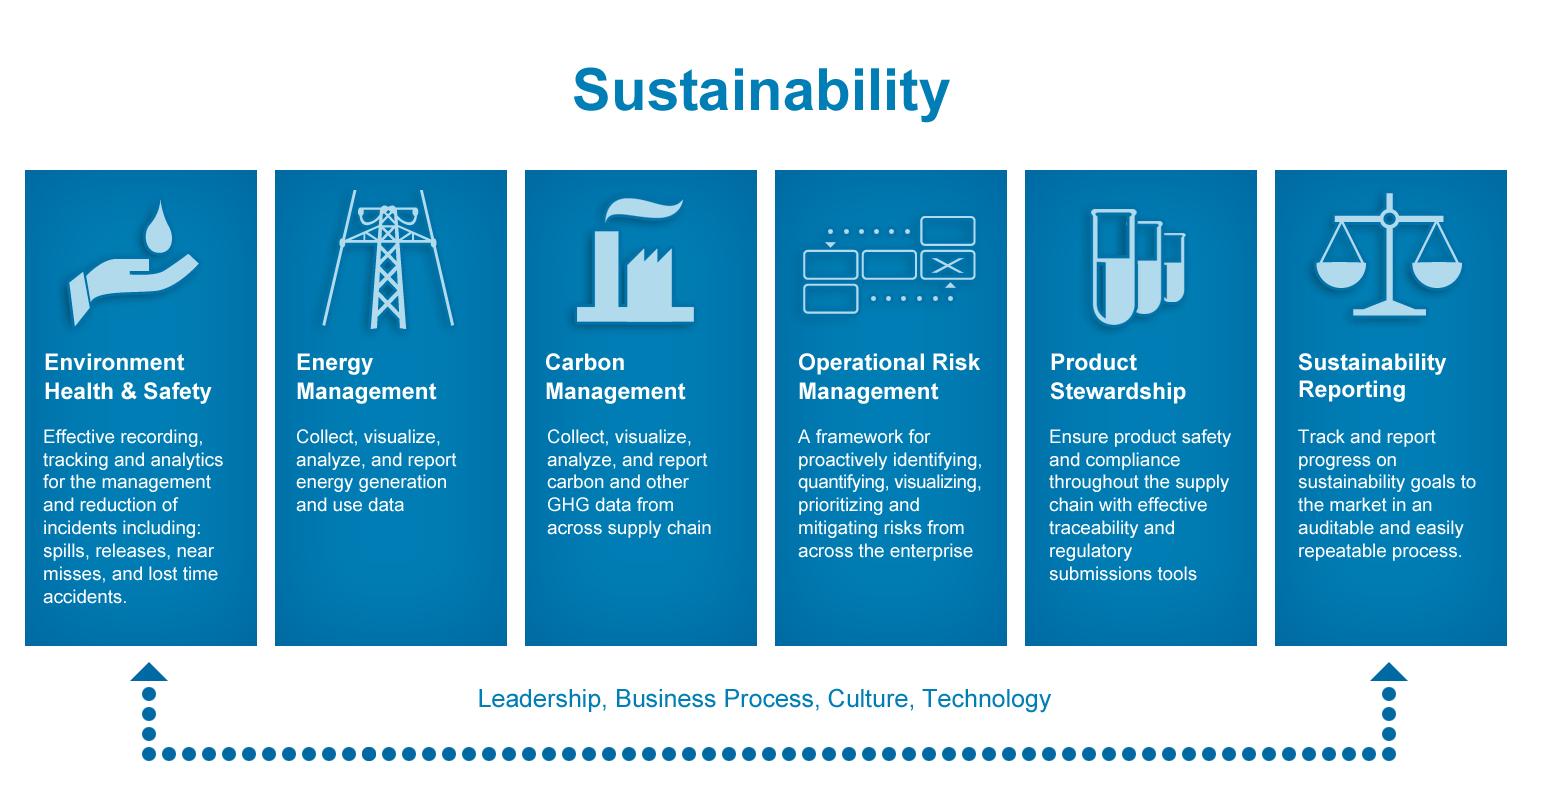 operational risk management framework in